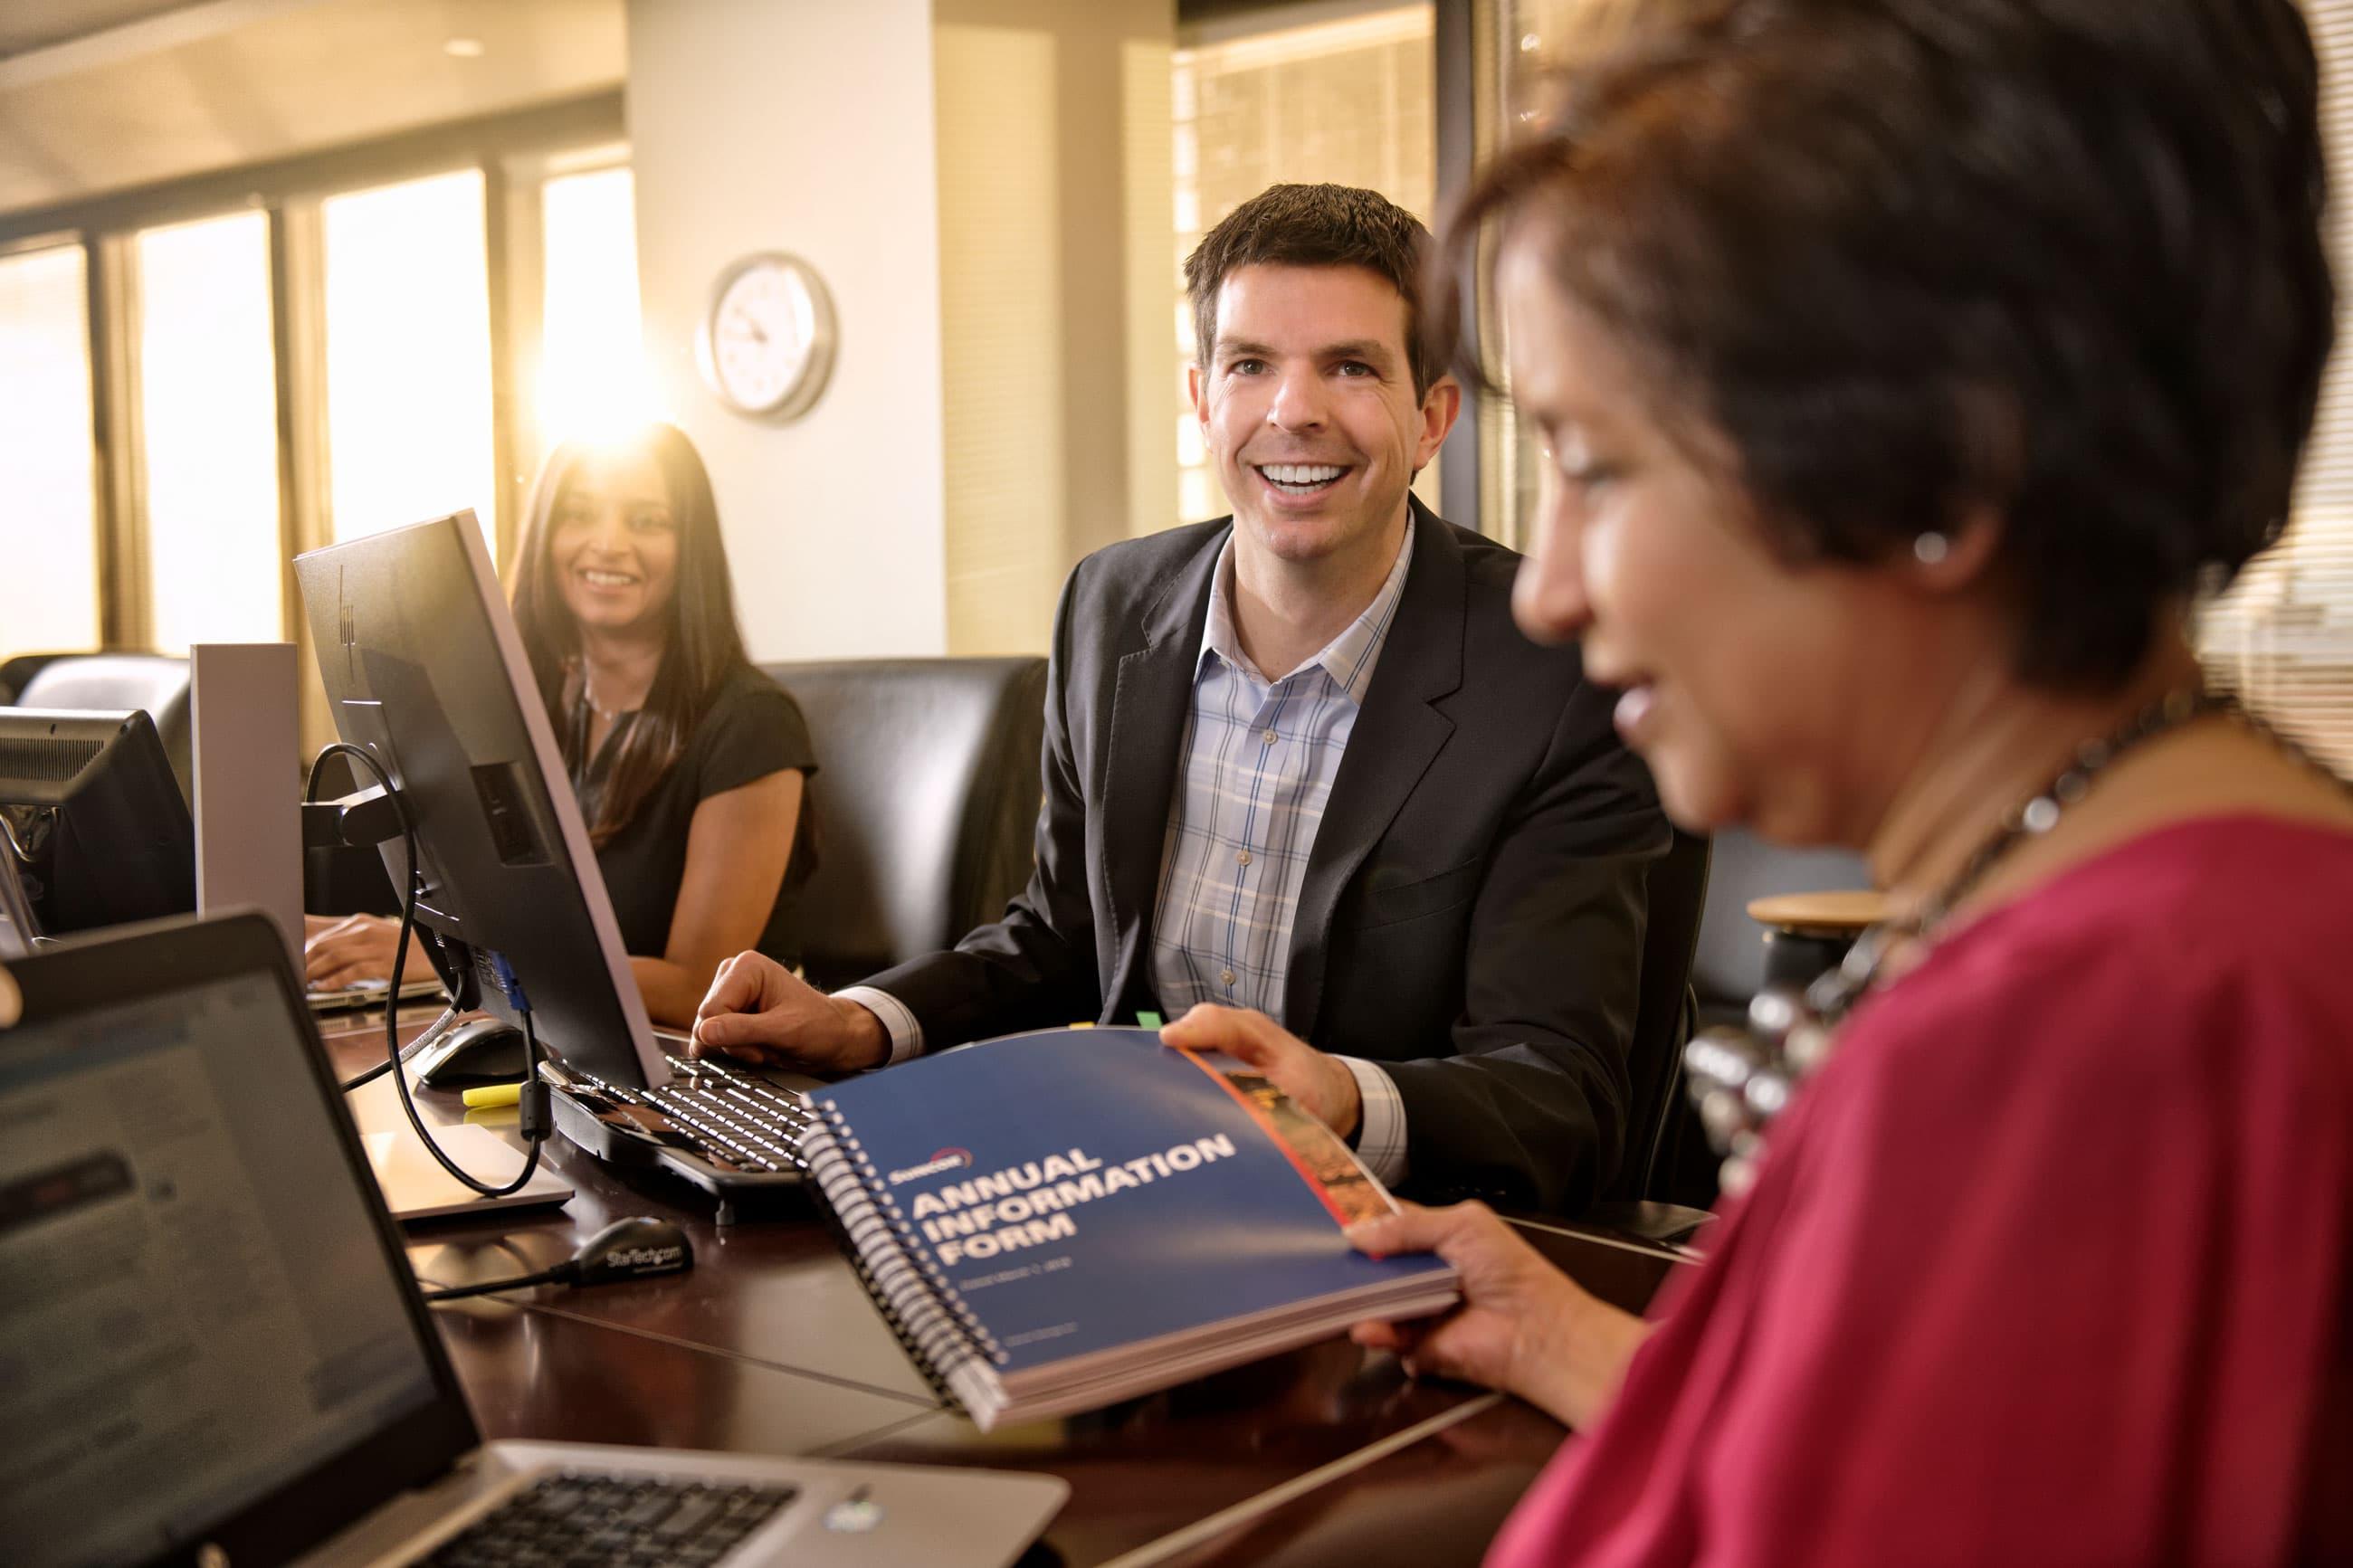 Trois employés dans la salle de réunion de la haute direction